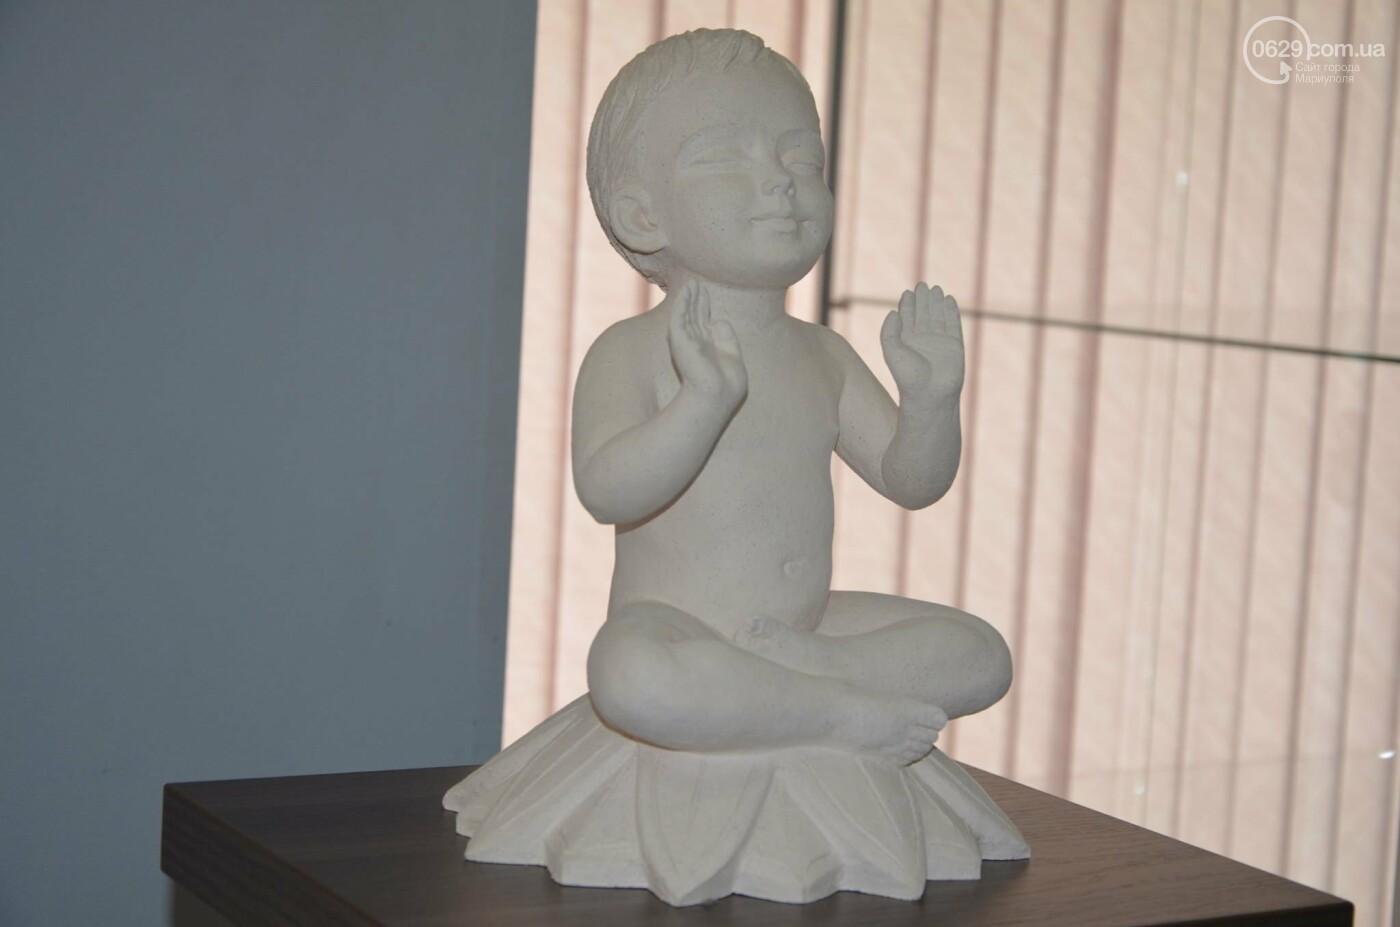 В Мариуполь привезли скульптуры, застрахованные на 4 - 6 тысяч евро каждая, - ФОТО, фото-3